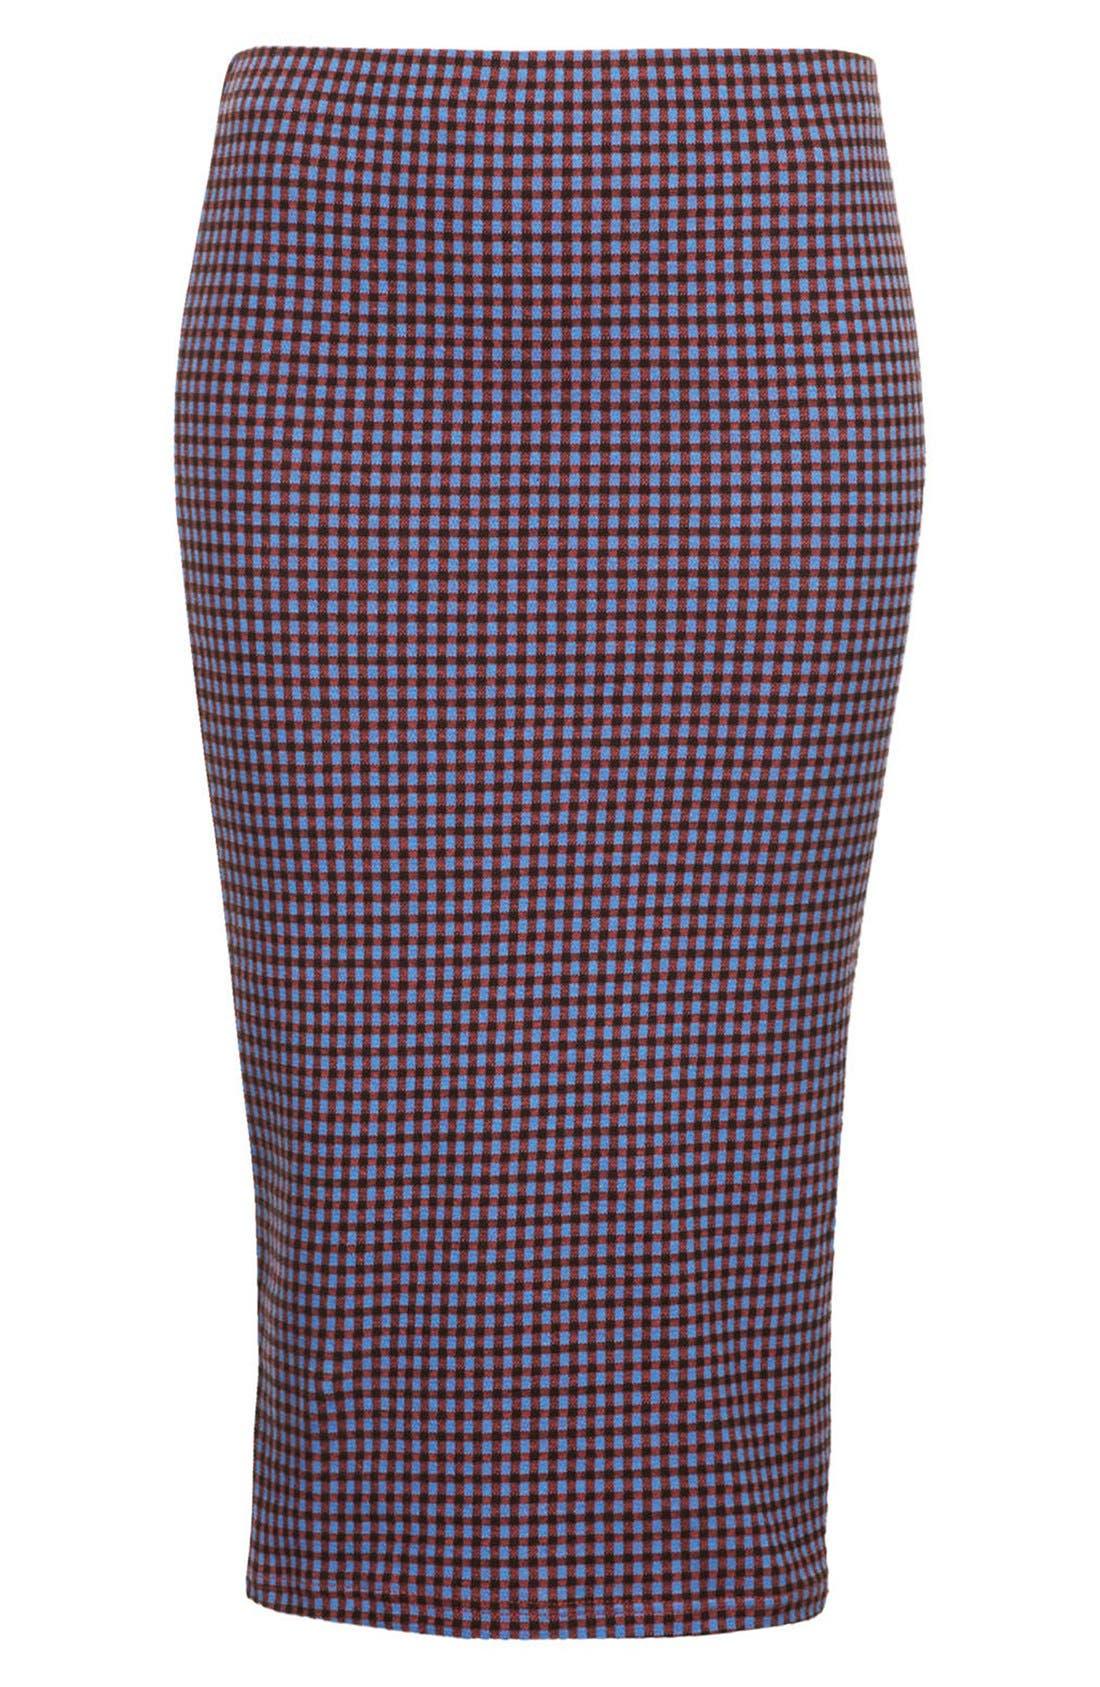 Alternate Image 3  - Topshop Gingham Tube Skirt